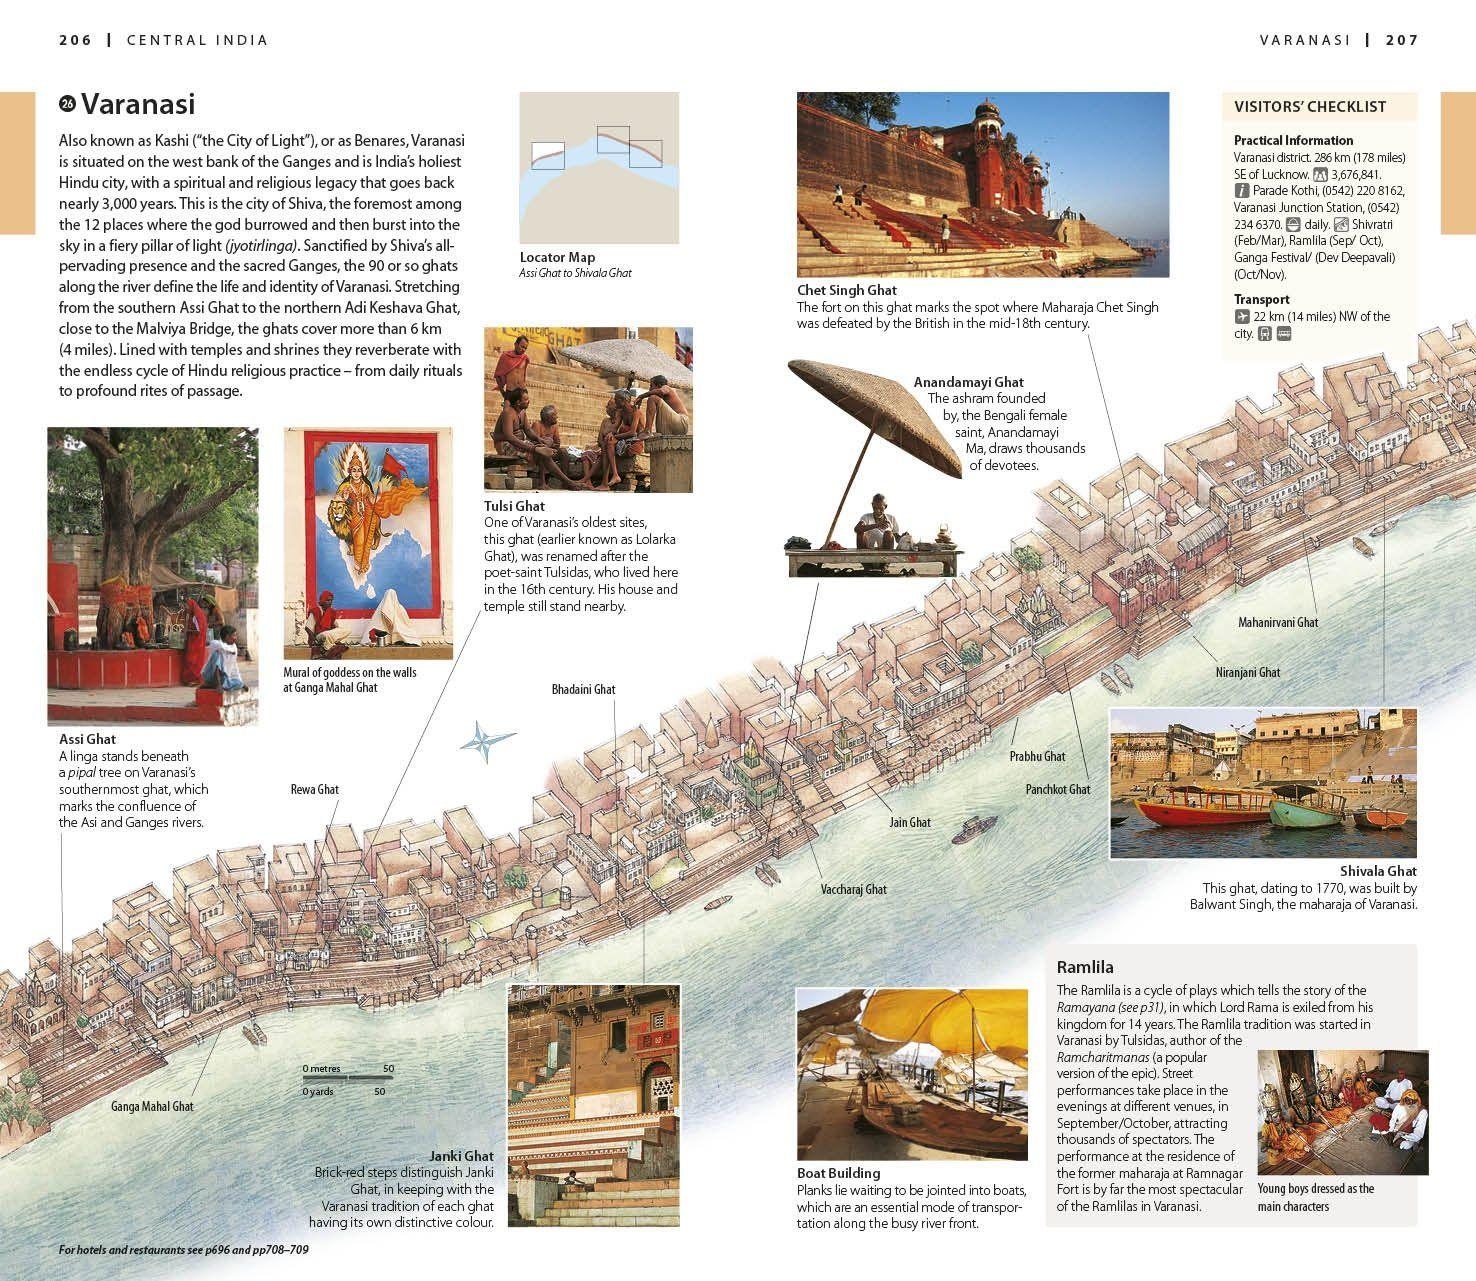 DK EYEWITNESS TRAVEL GUIDE INDIA PDF DOWNLOAD